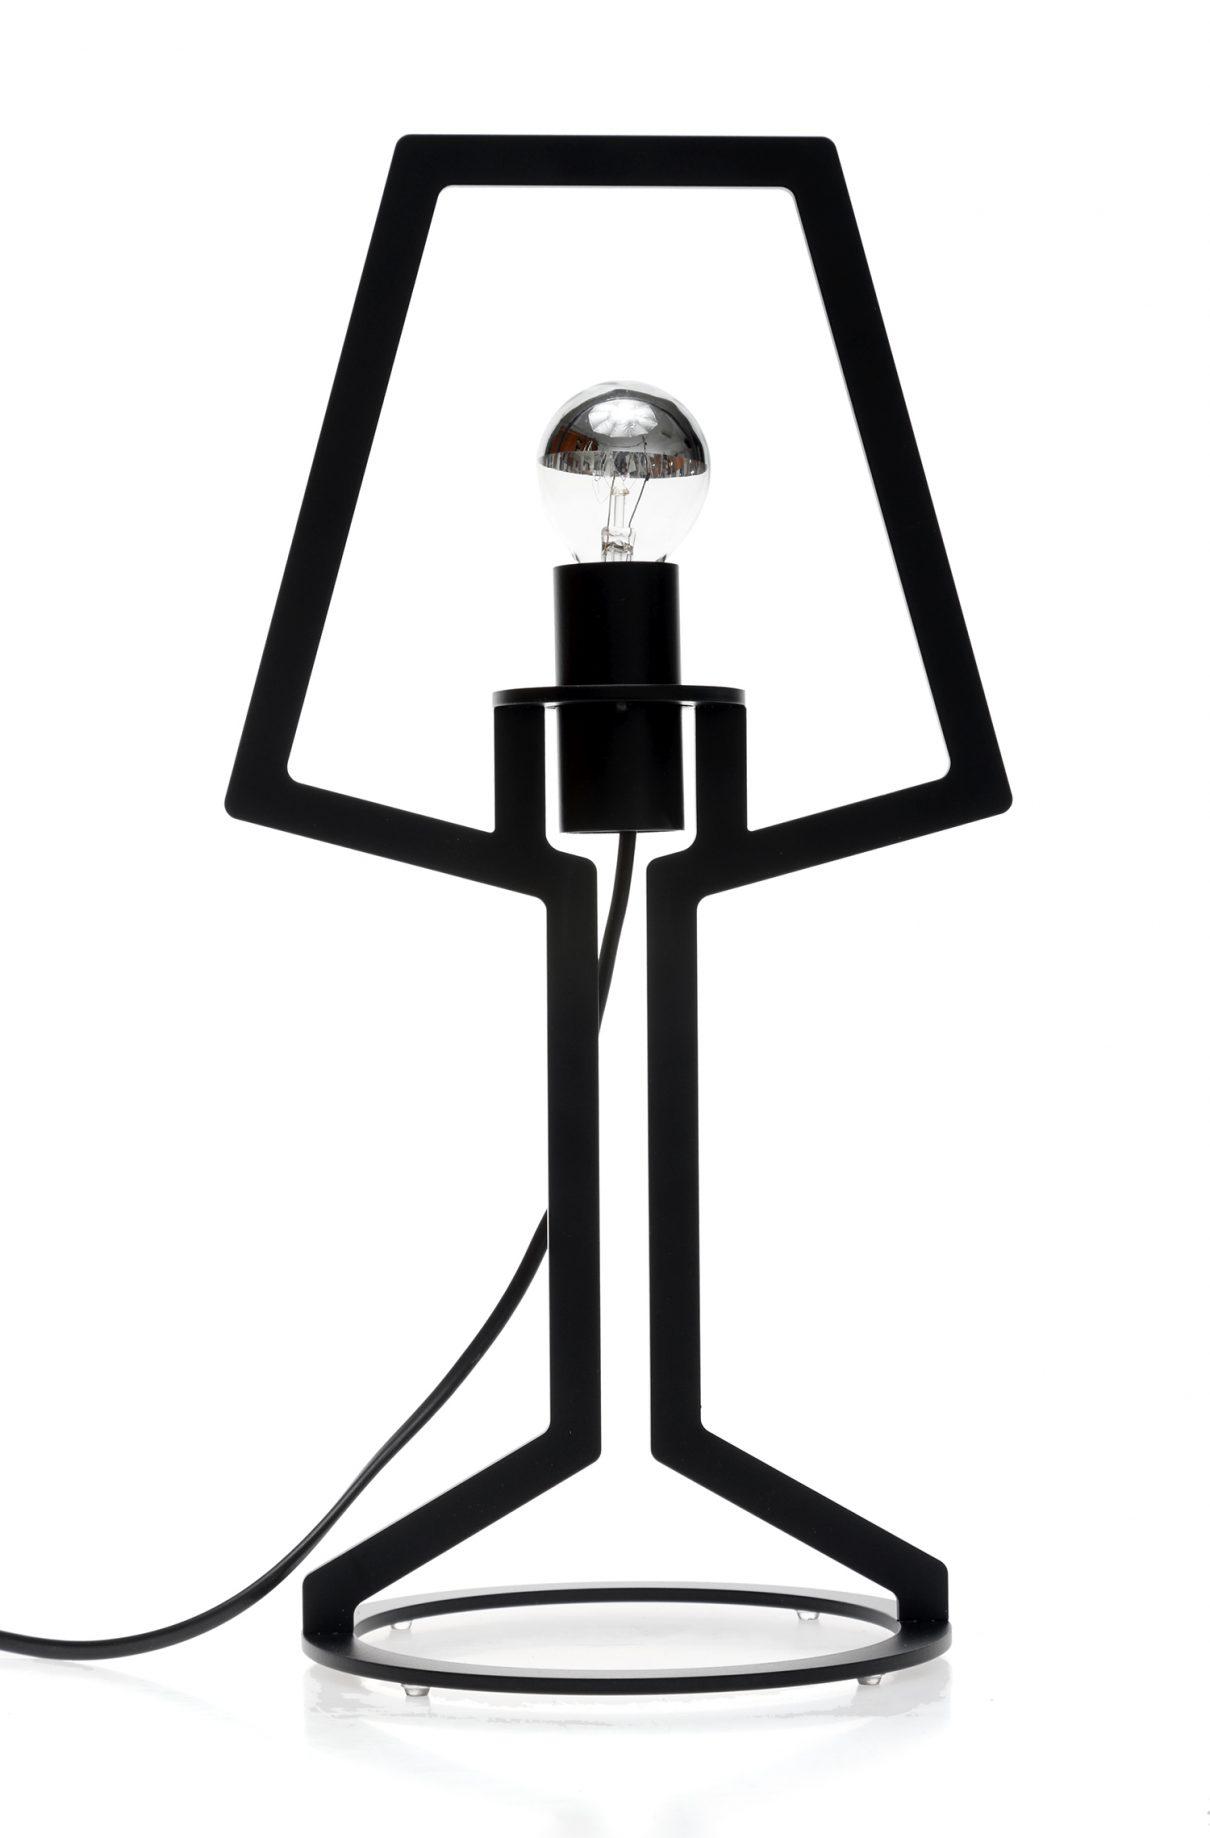 Outline tafellamp van Peter van de Water